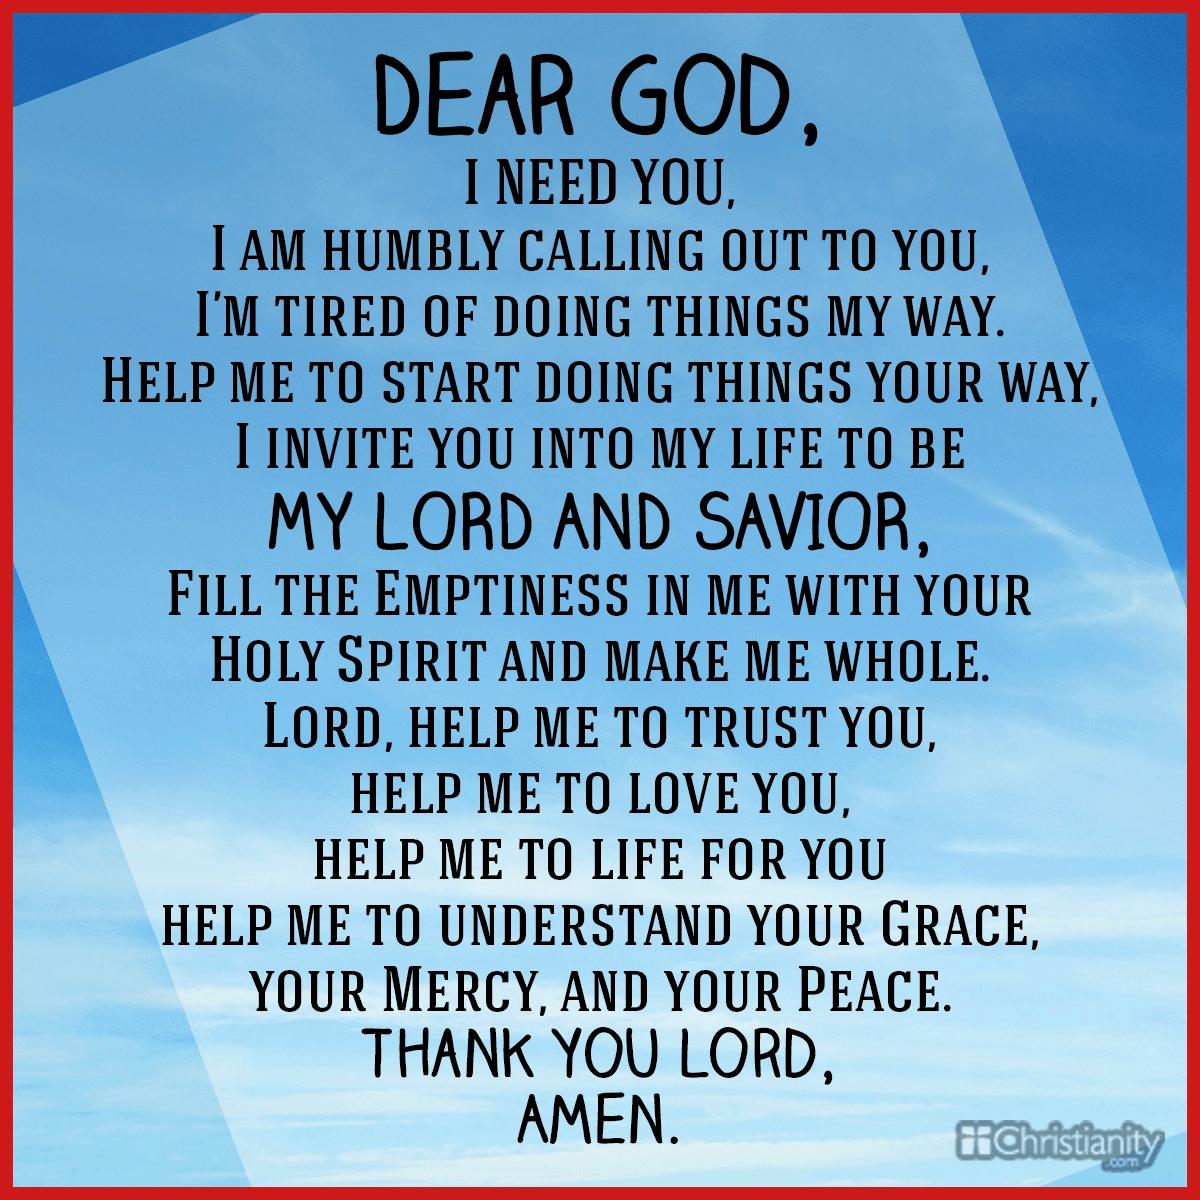 Dear God: I Need You